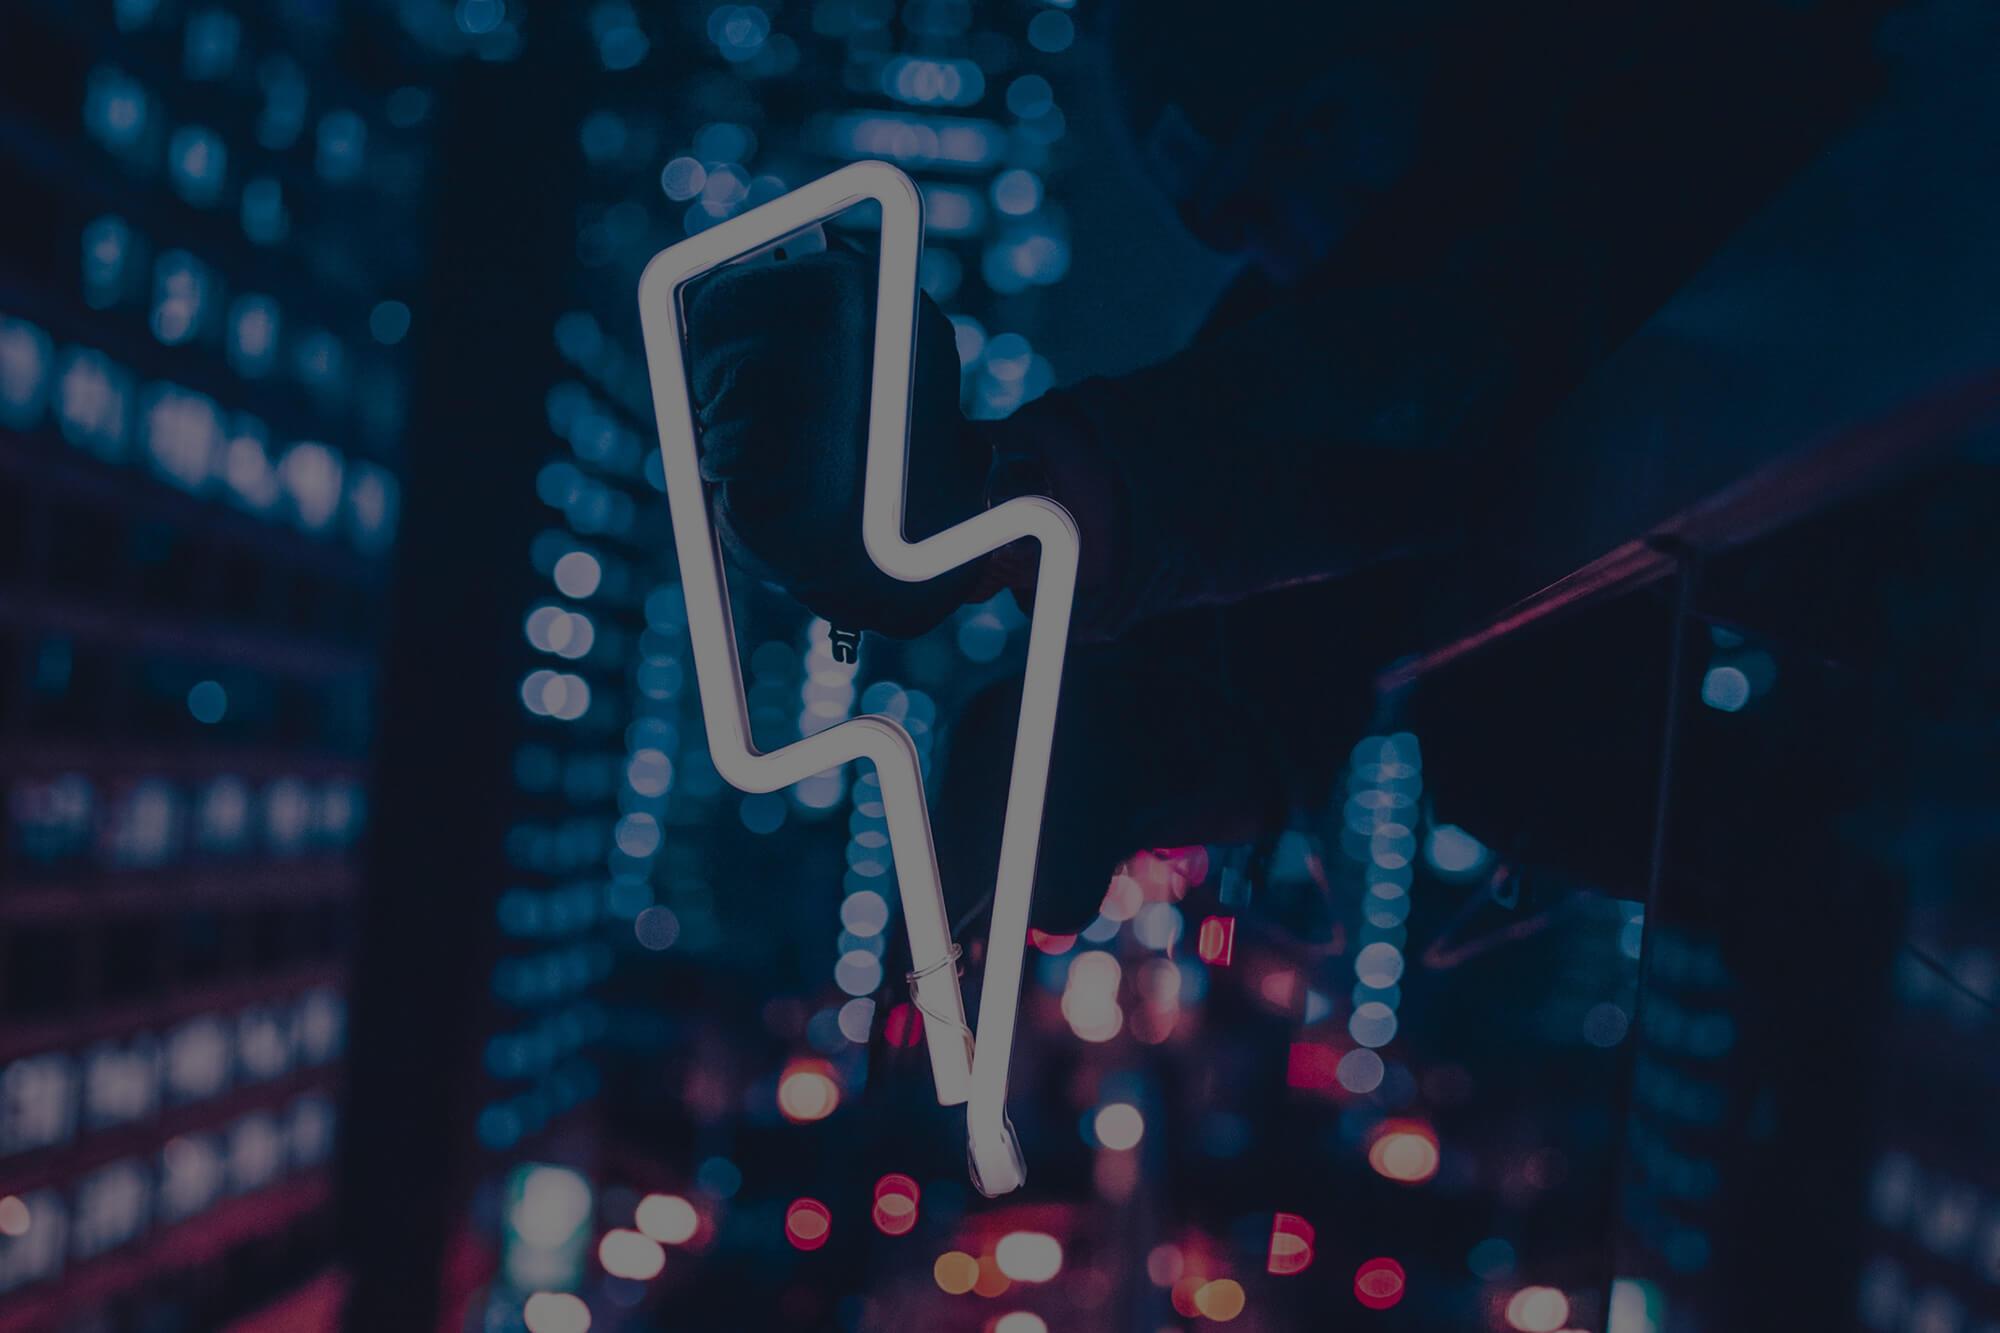 Prepaid-Strom – Wie funktioniert das und was hast du davon?